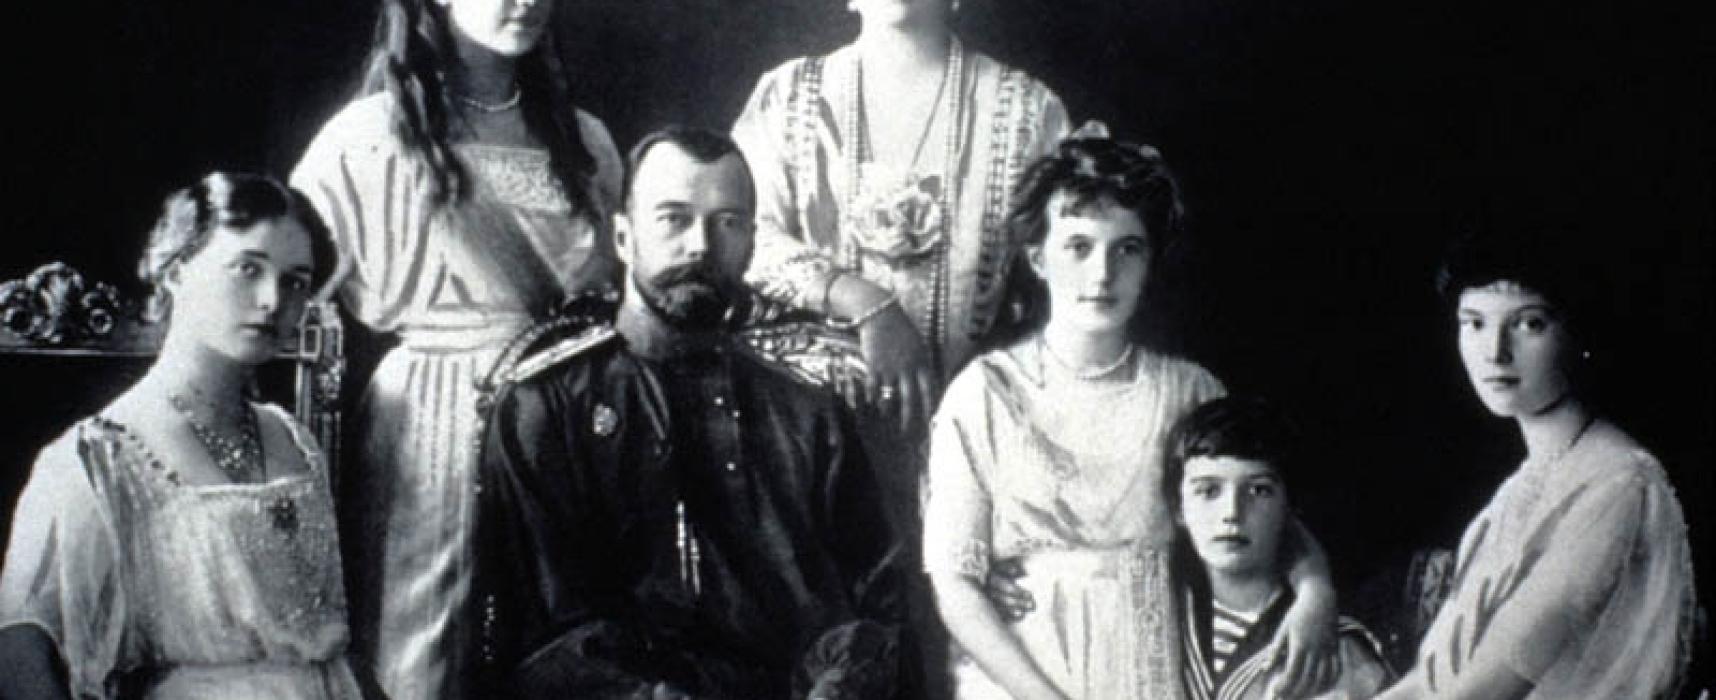 Accadde oggi, 17 Luglio: 1918, i Bolscevichi trucidano tutta la Famiglia dello Zar Nicola II di Russia